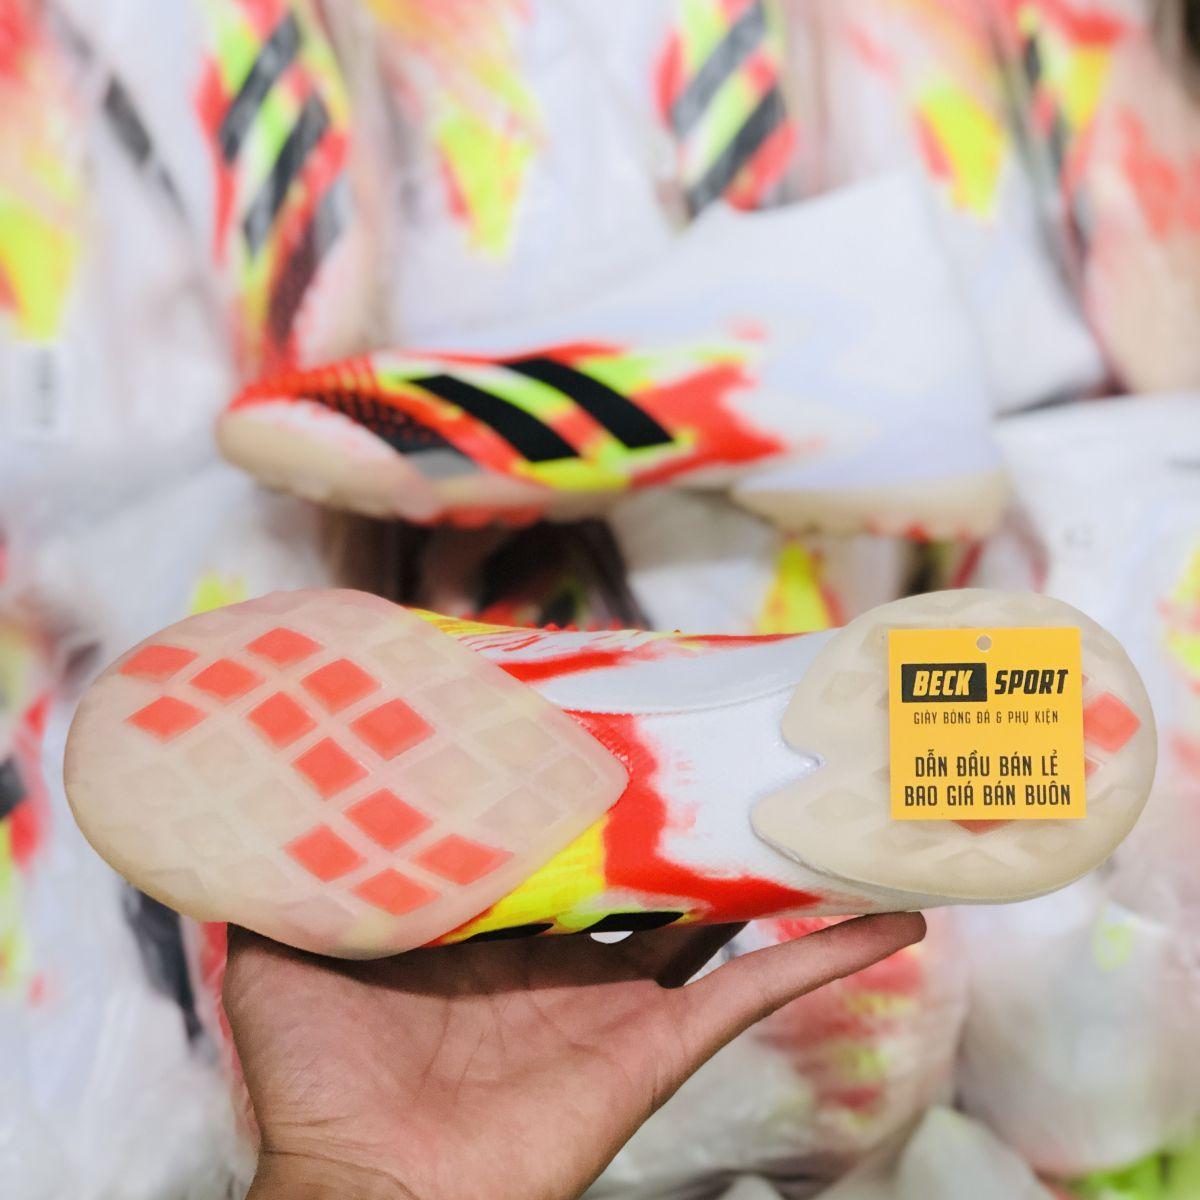 Giày Bóng Đá Adidas Predator 20+ Uniforia Đỏ Vàng Gót Trắng Vạch Đen Không Dây Cao Cổ TF